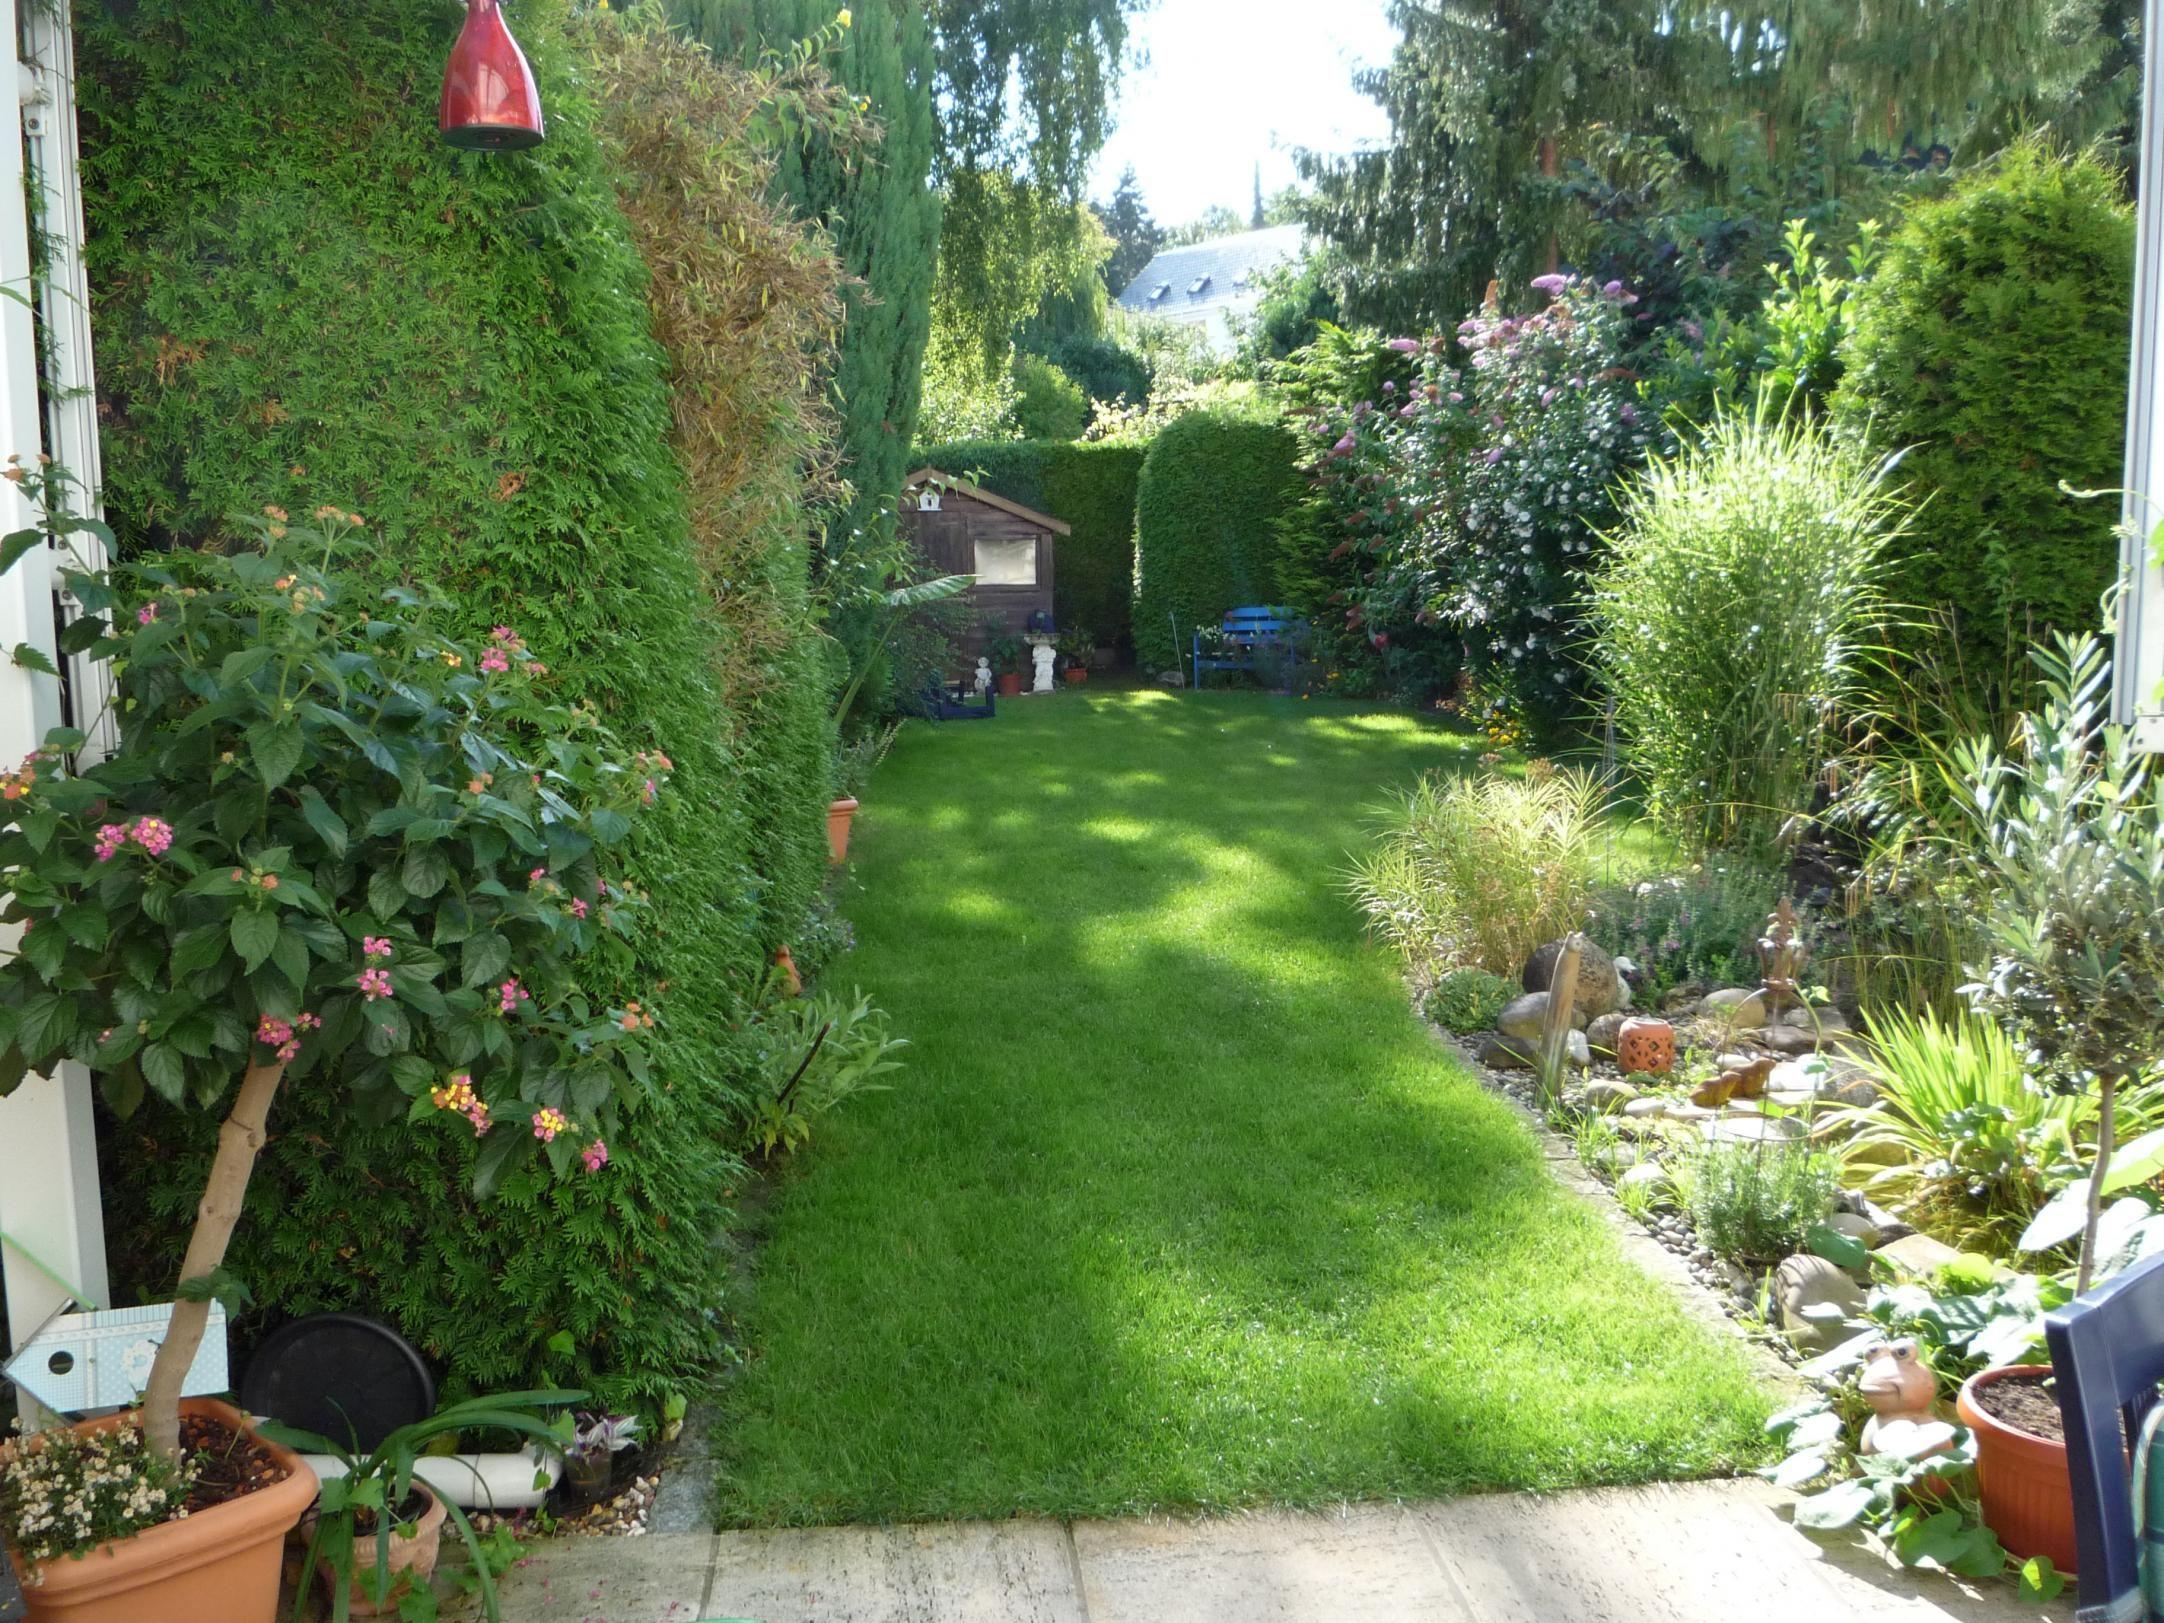 Reihenhausgarten mediterraner gestalten-p1030541.jpg | Garten ...